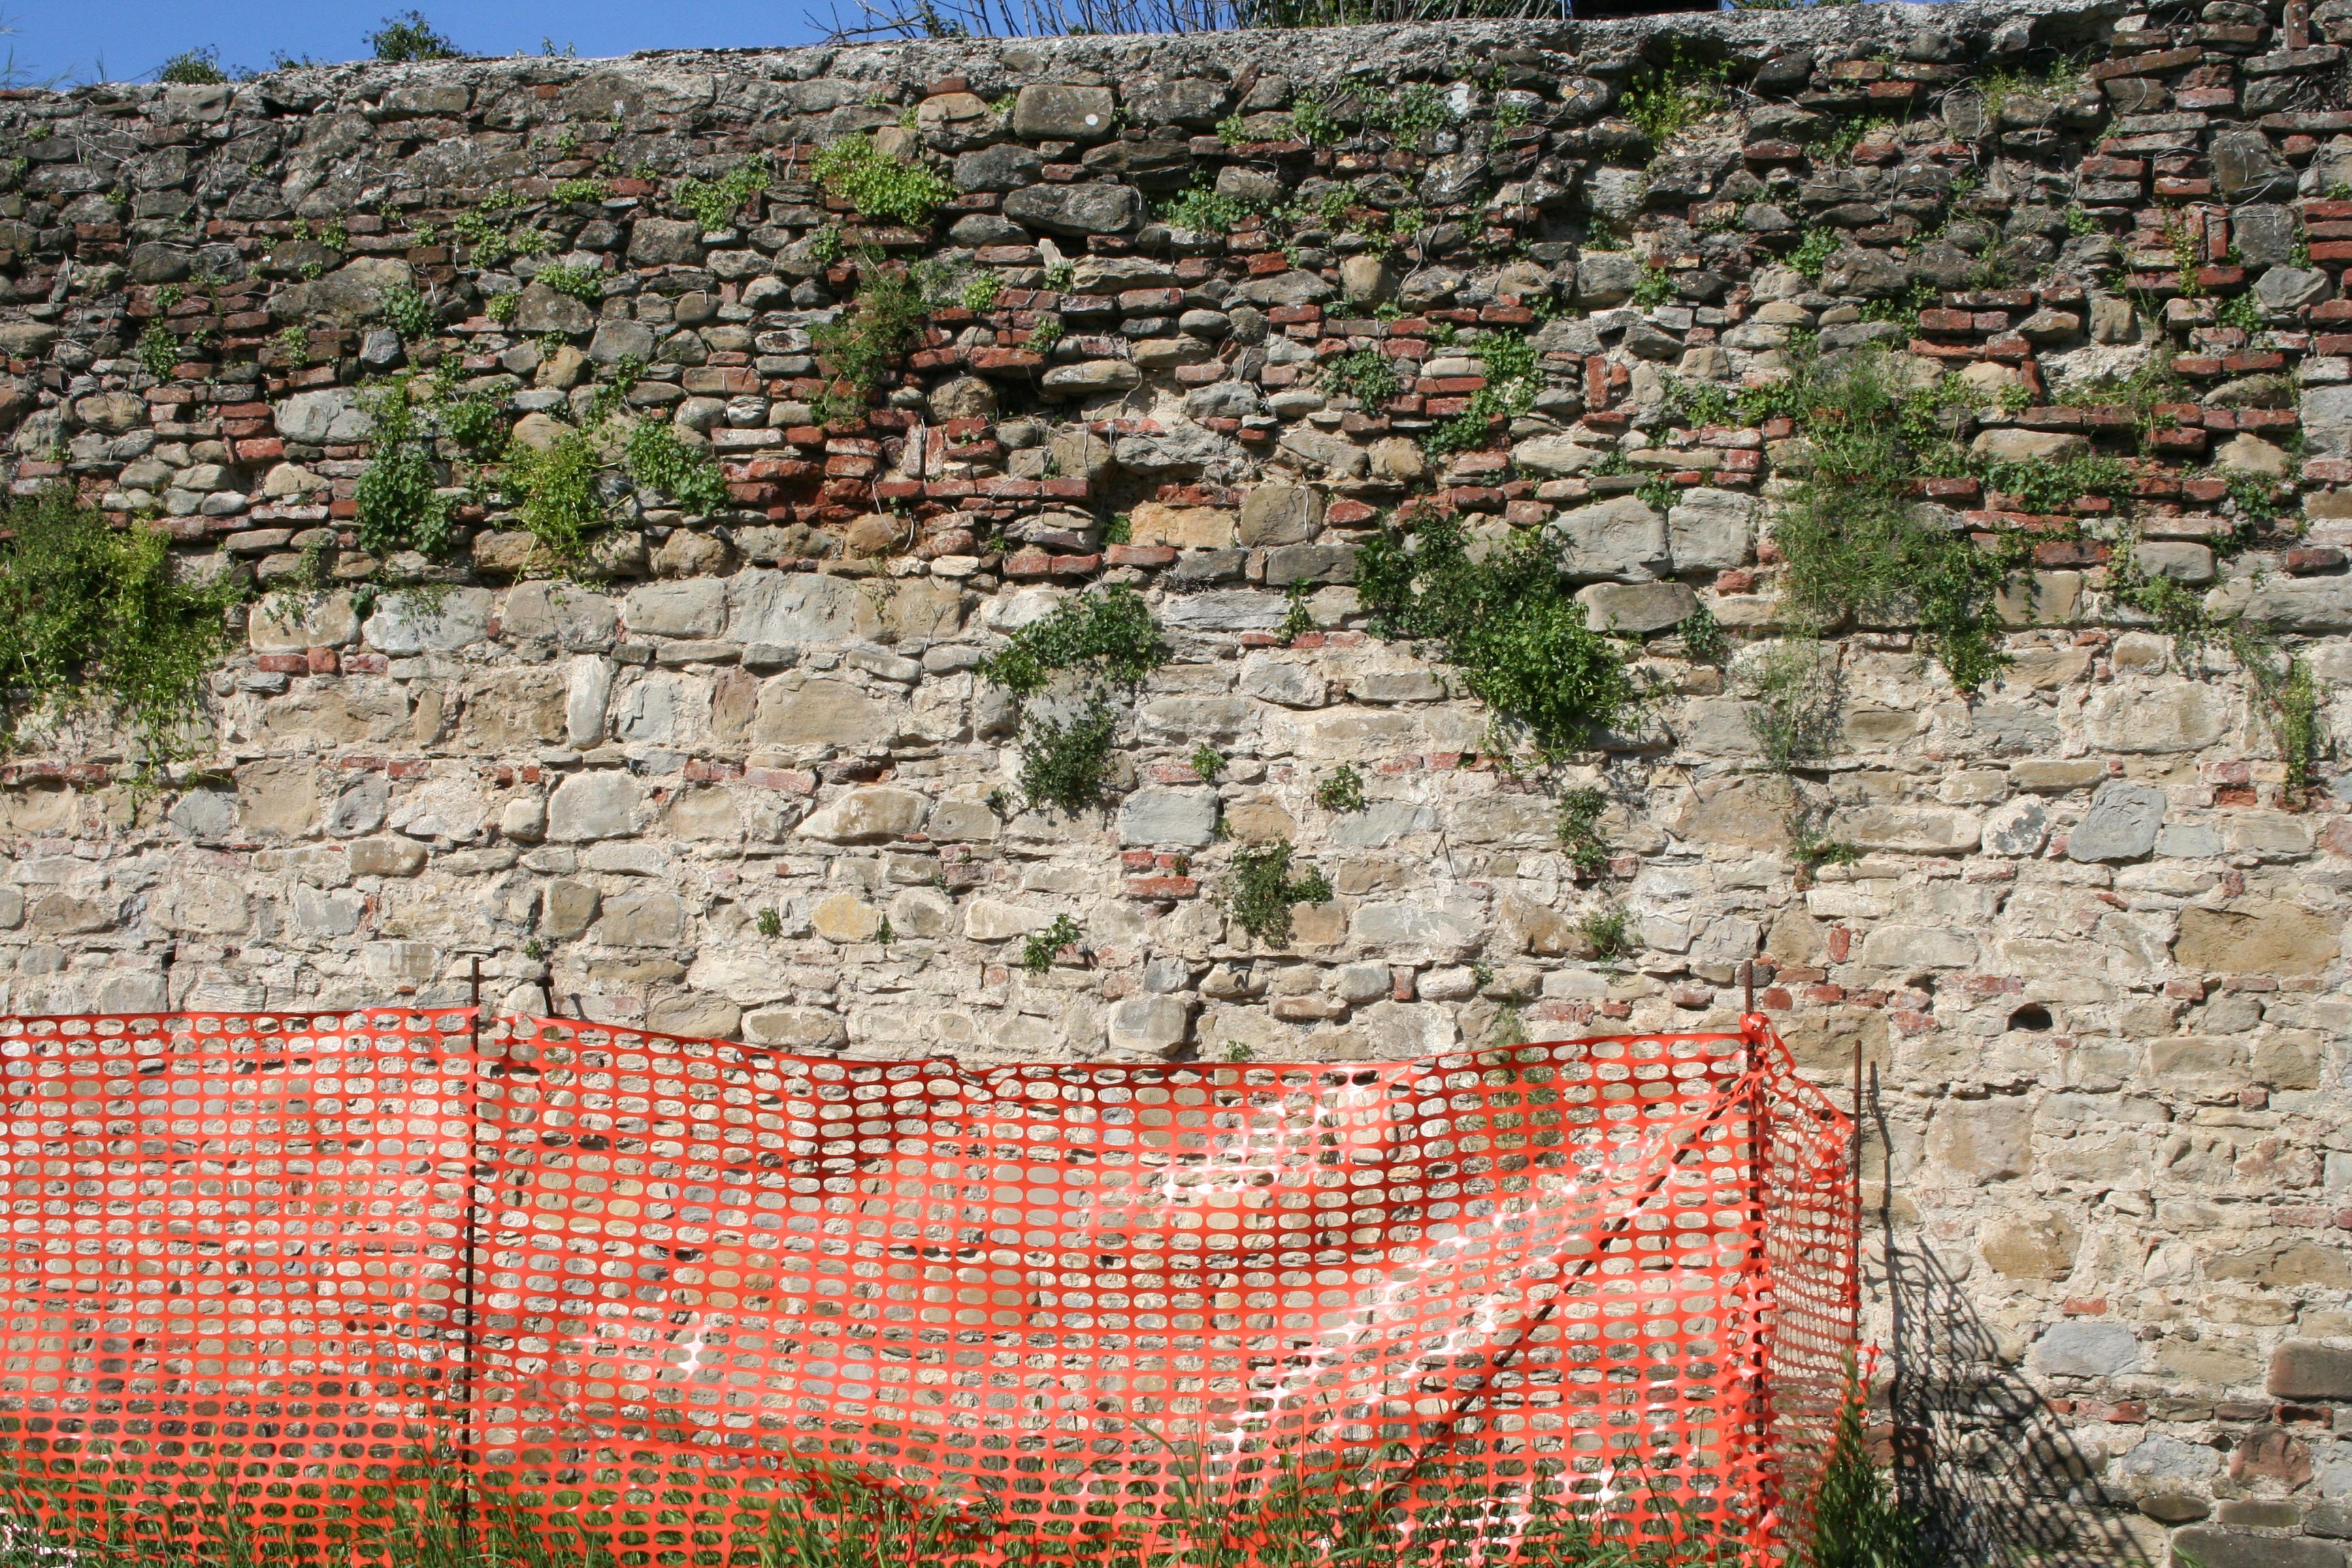 sansepolcro- mura urbane viale volta particolare vegetazione transenne 2